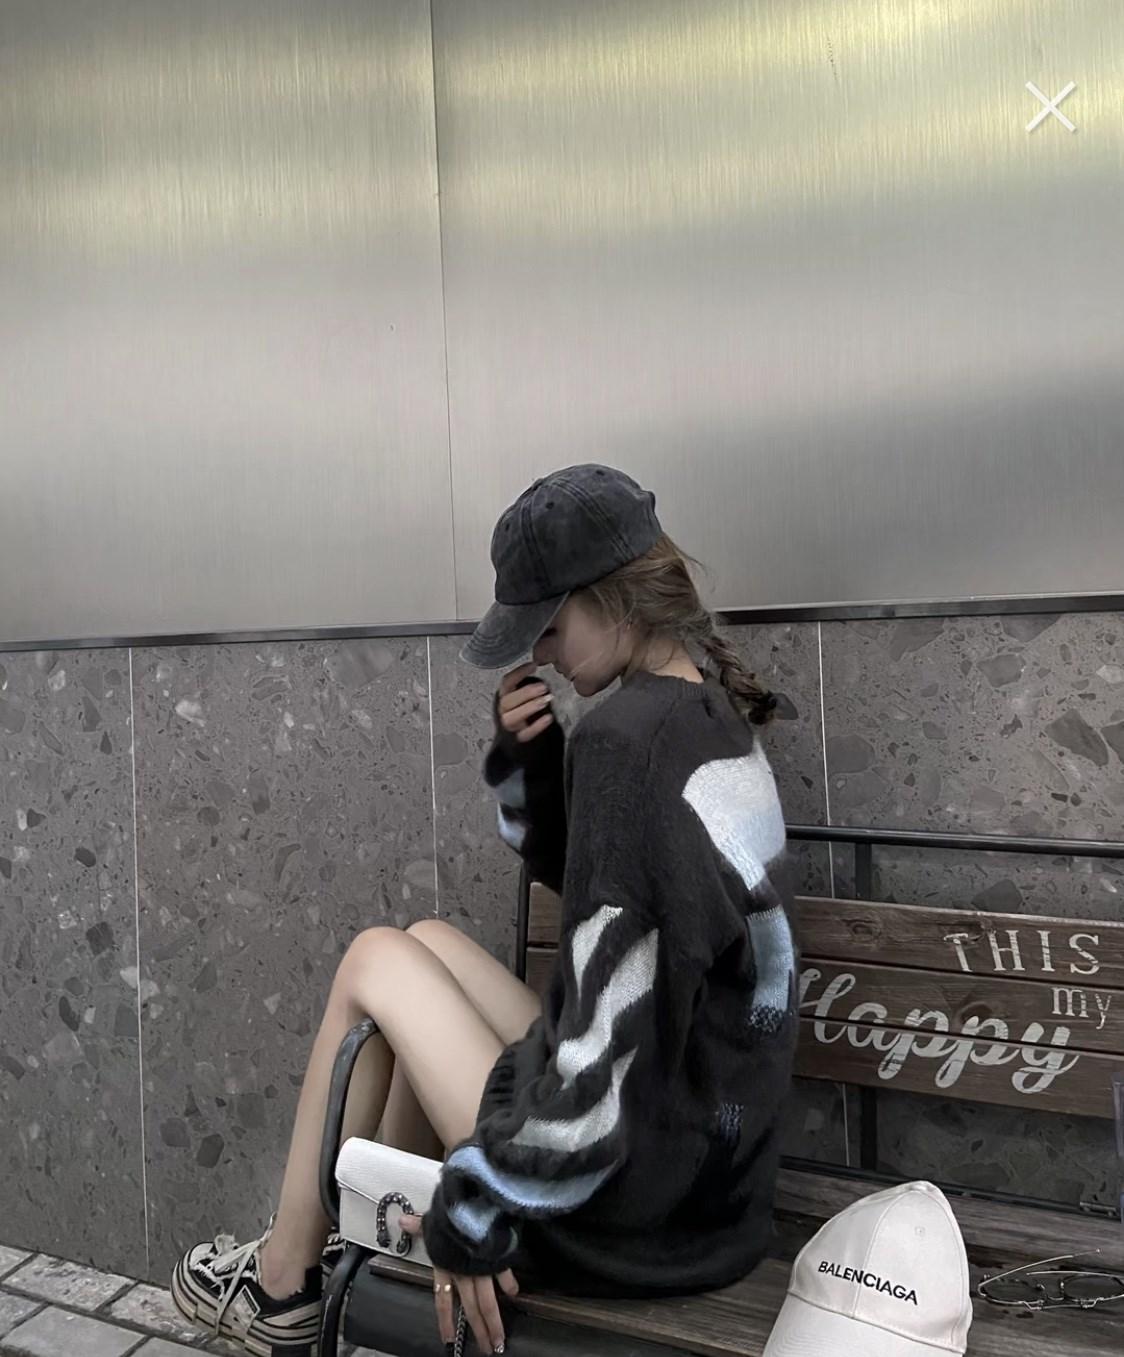 張智研OW新作配色jure版巨愛ゆったりした怠惰なセーター女性秋冬外着馬海毛